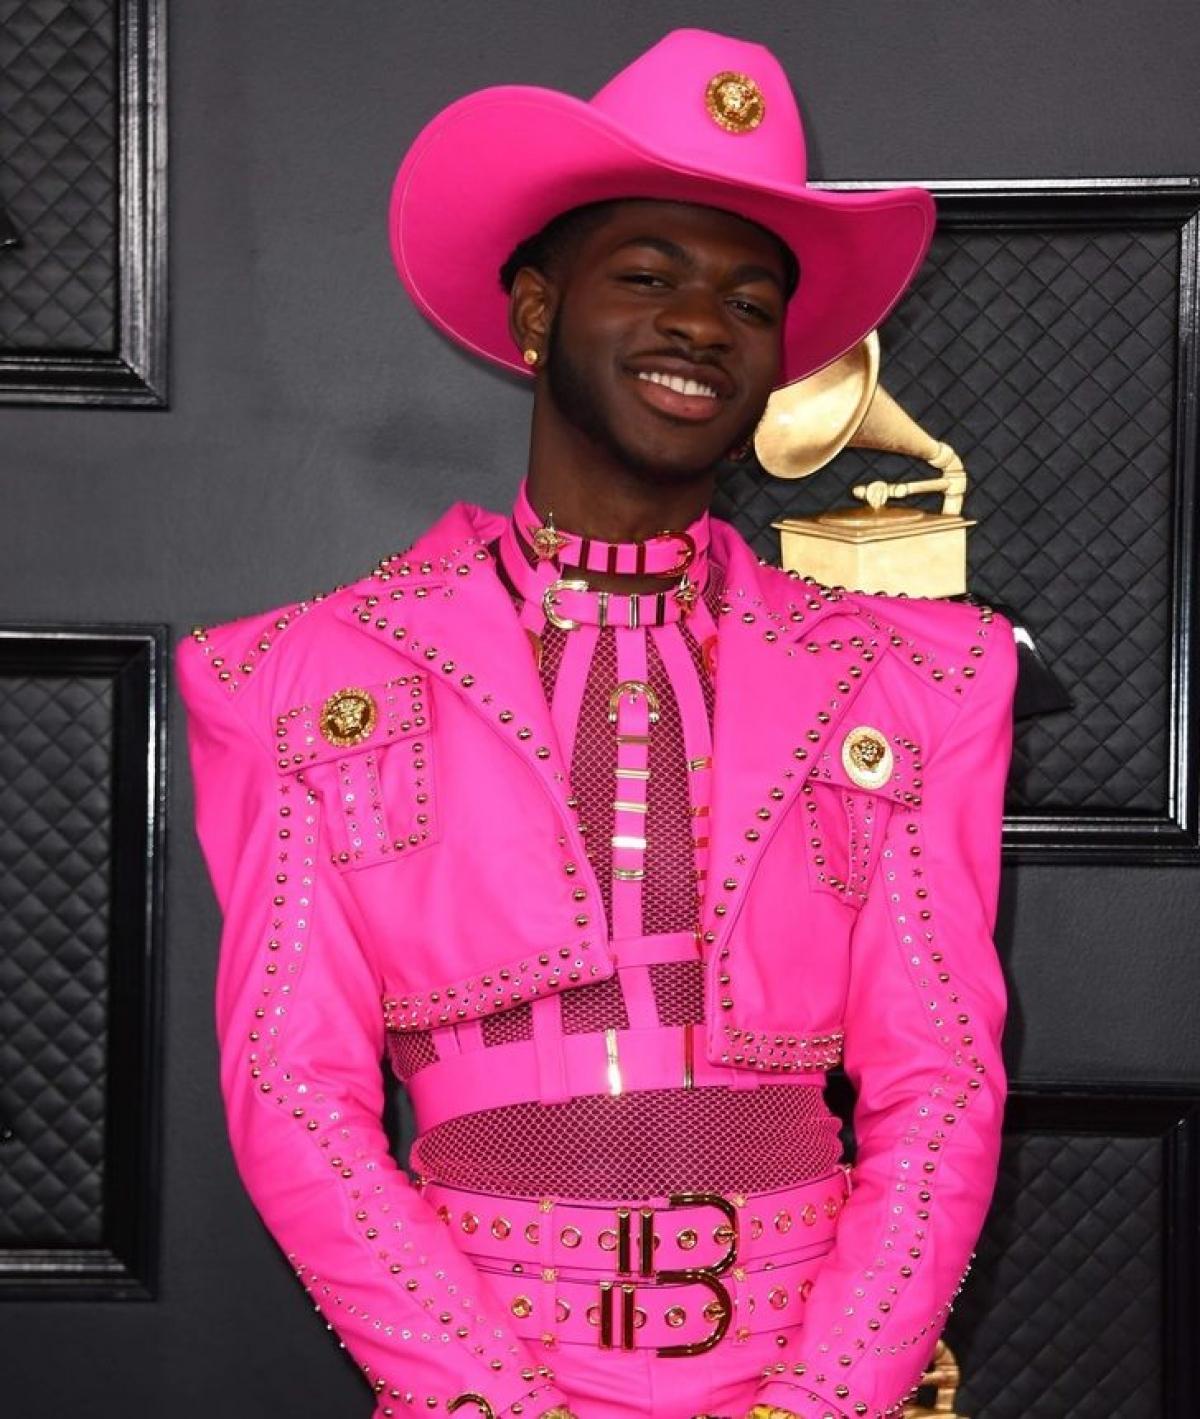 """Rapper 22 tuổi, Lil Nas X, mặctrang phụcVersace fuchsiavà đội mũ cao bồi tới lễ trao giải Grammy 2020.Nghệ sĩ đã giành được giải thưởng cho """"Video hay nhất"""" trong đó anh đóng vaimột chàng cao bồi."""